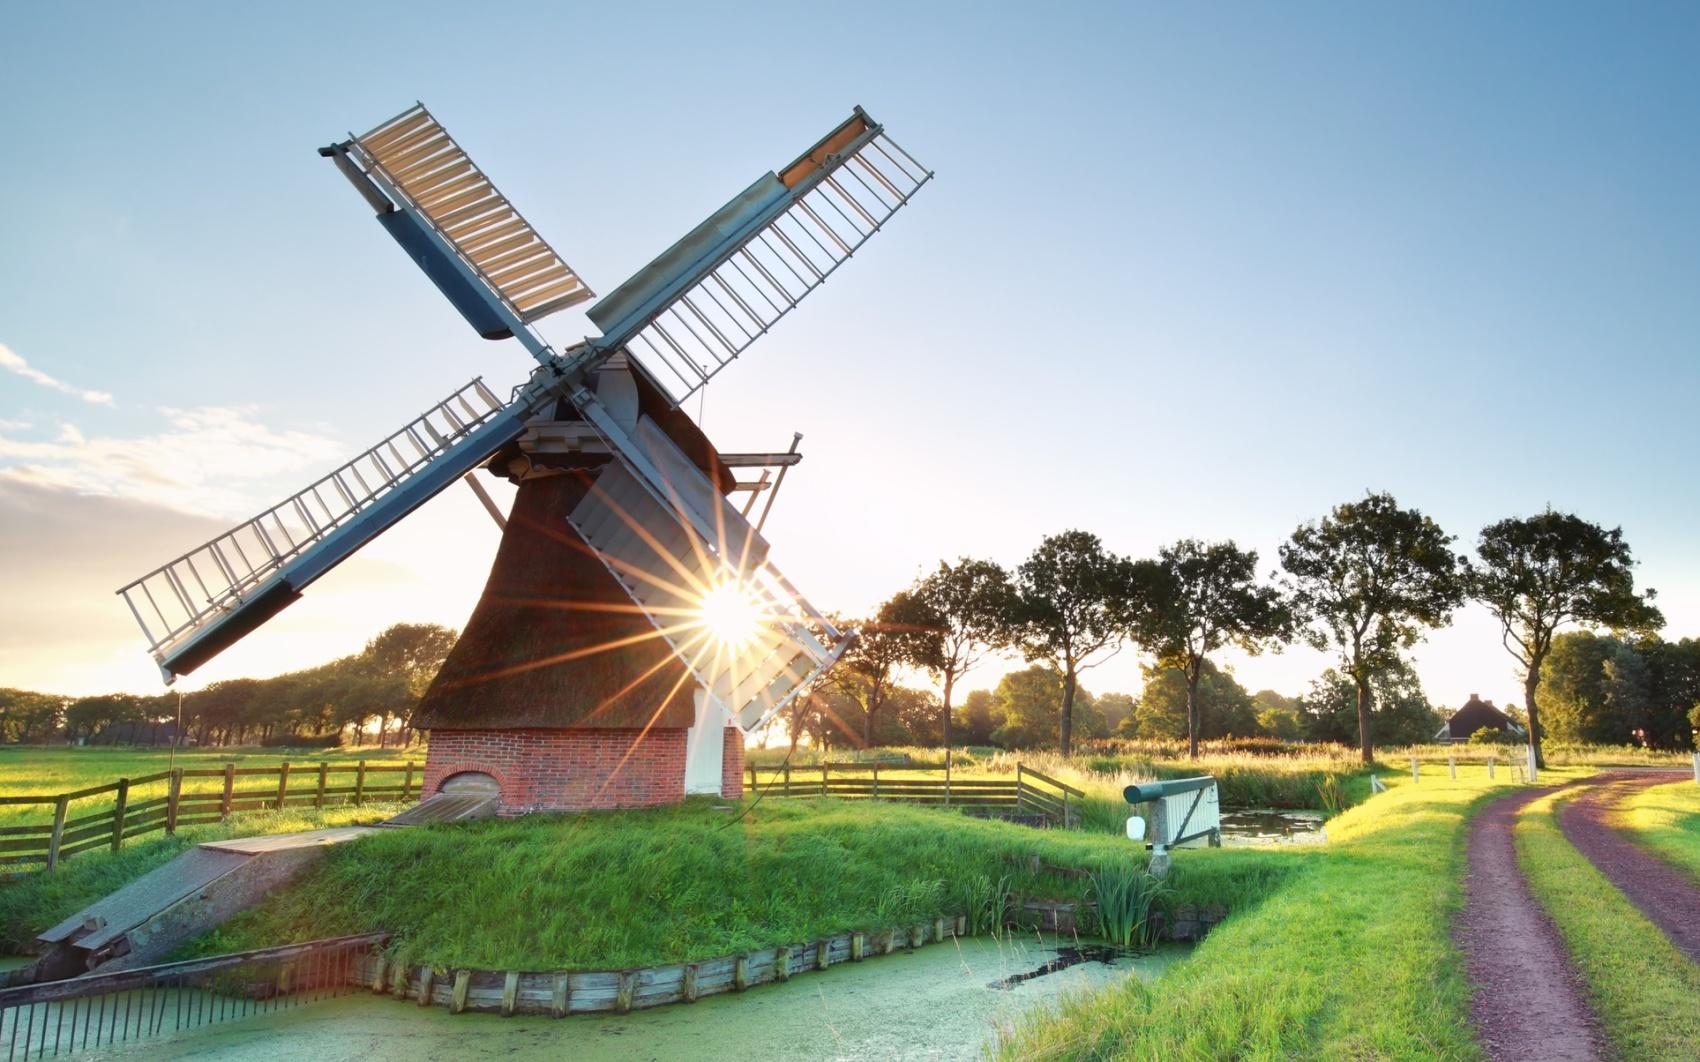 Dampfzüge in Holland